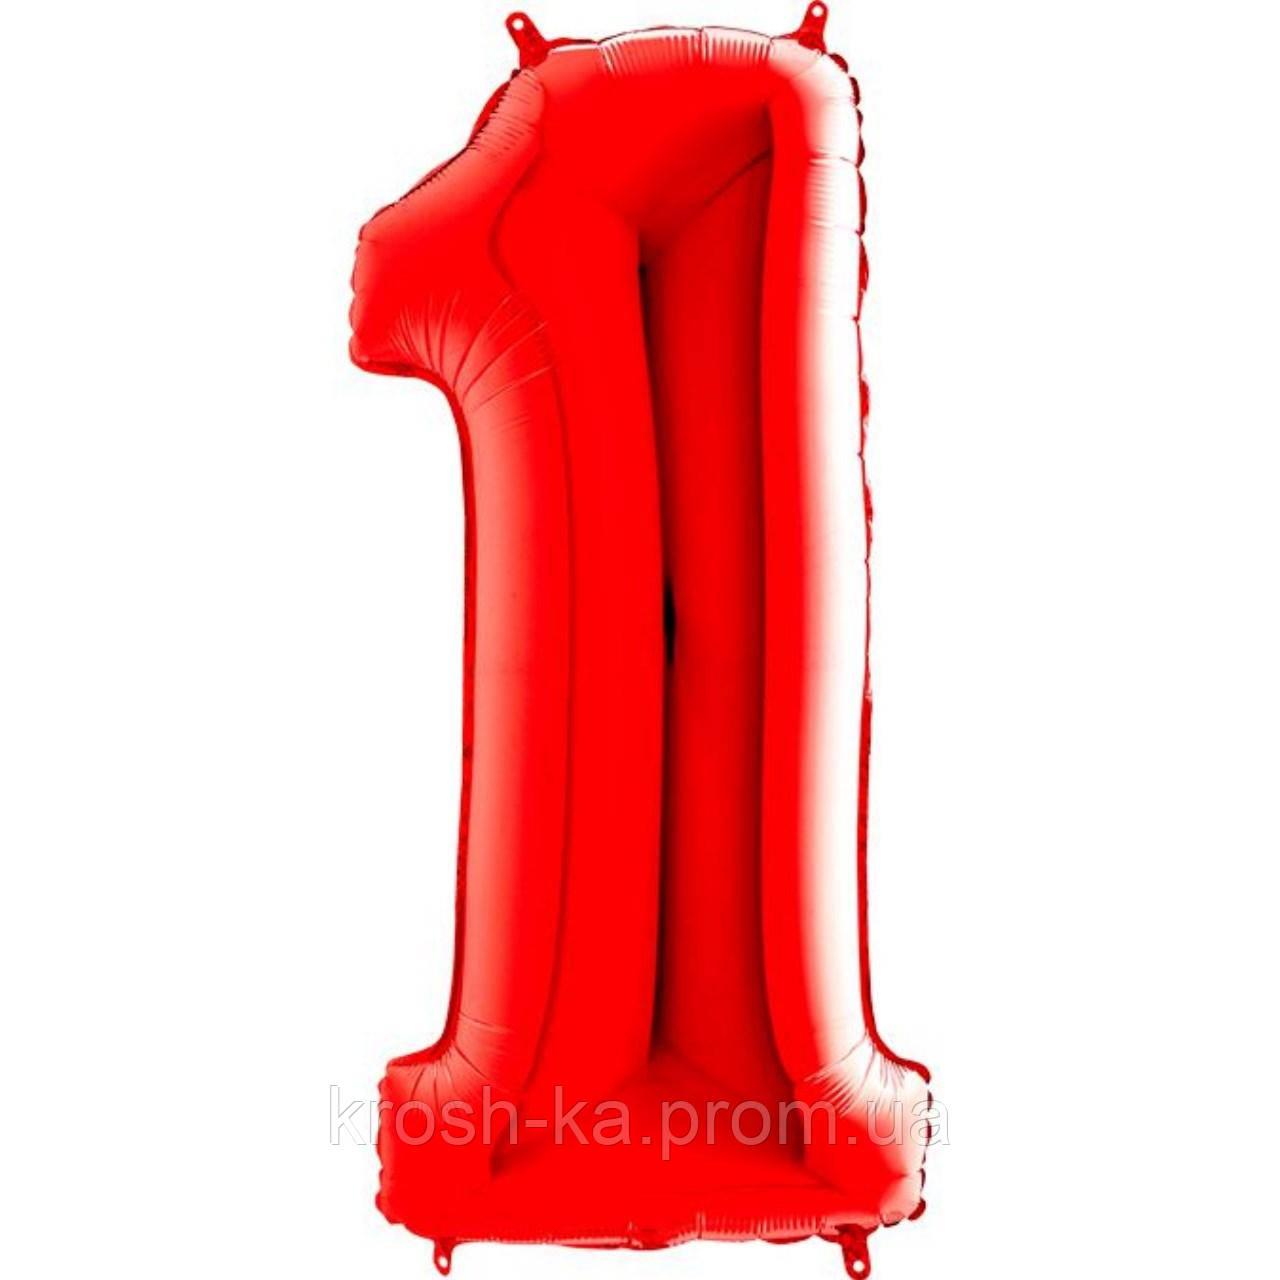 """Фольгированная цифра """"1"""" металлик красная 40*102см Grabo Italy 3207-1179"""